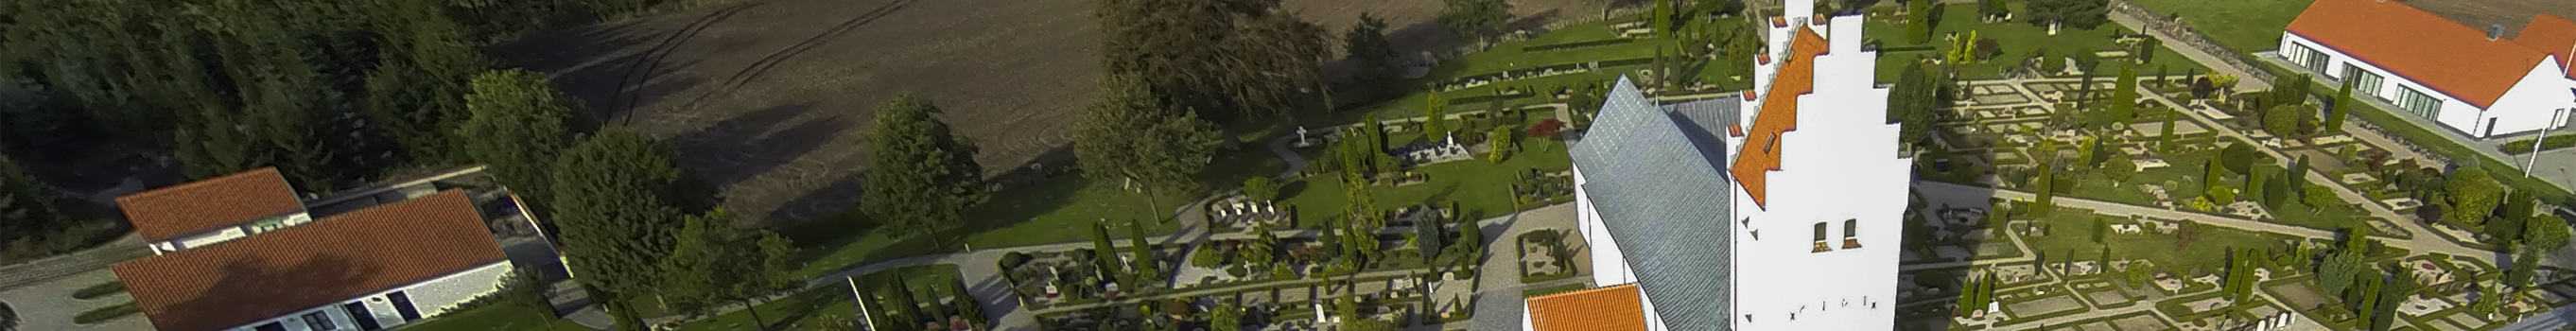 Kirkegårdsdrift